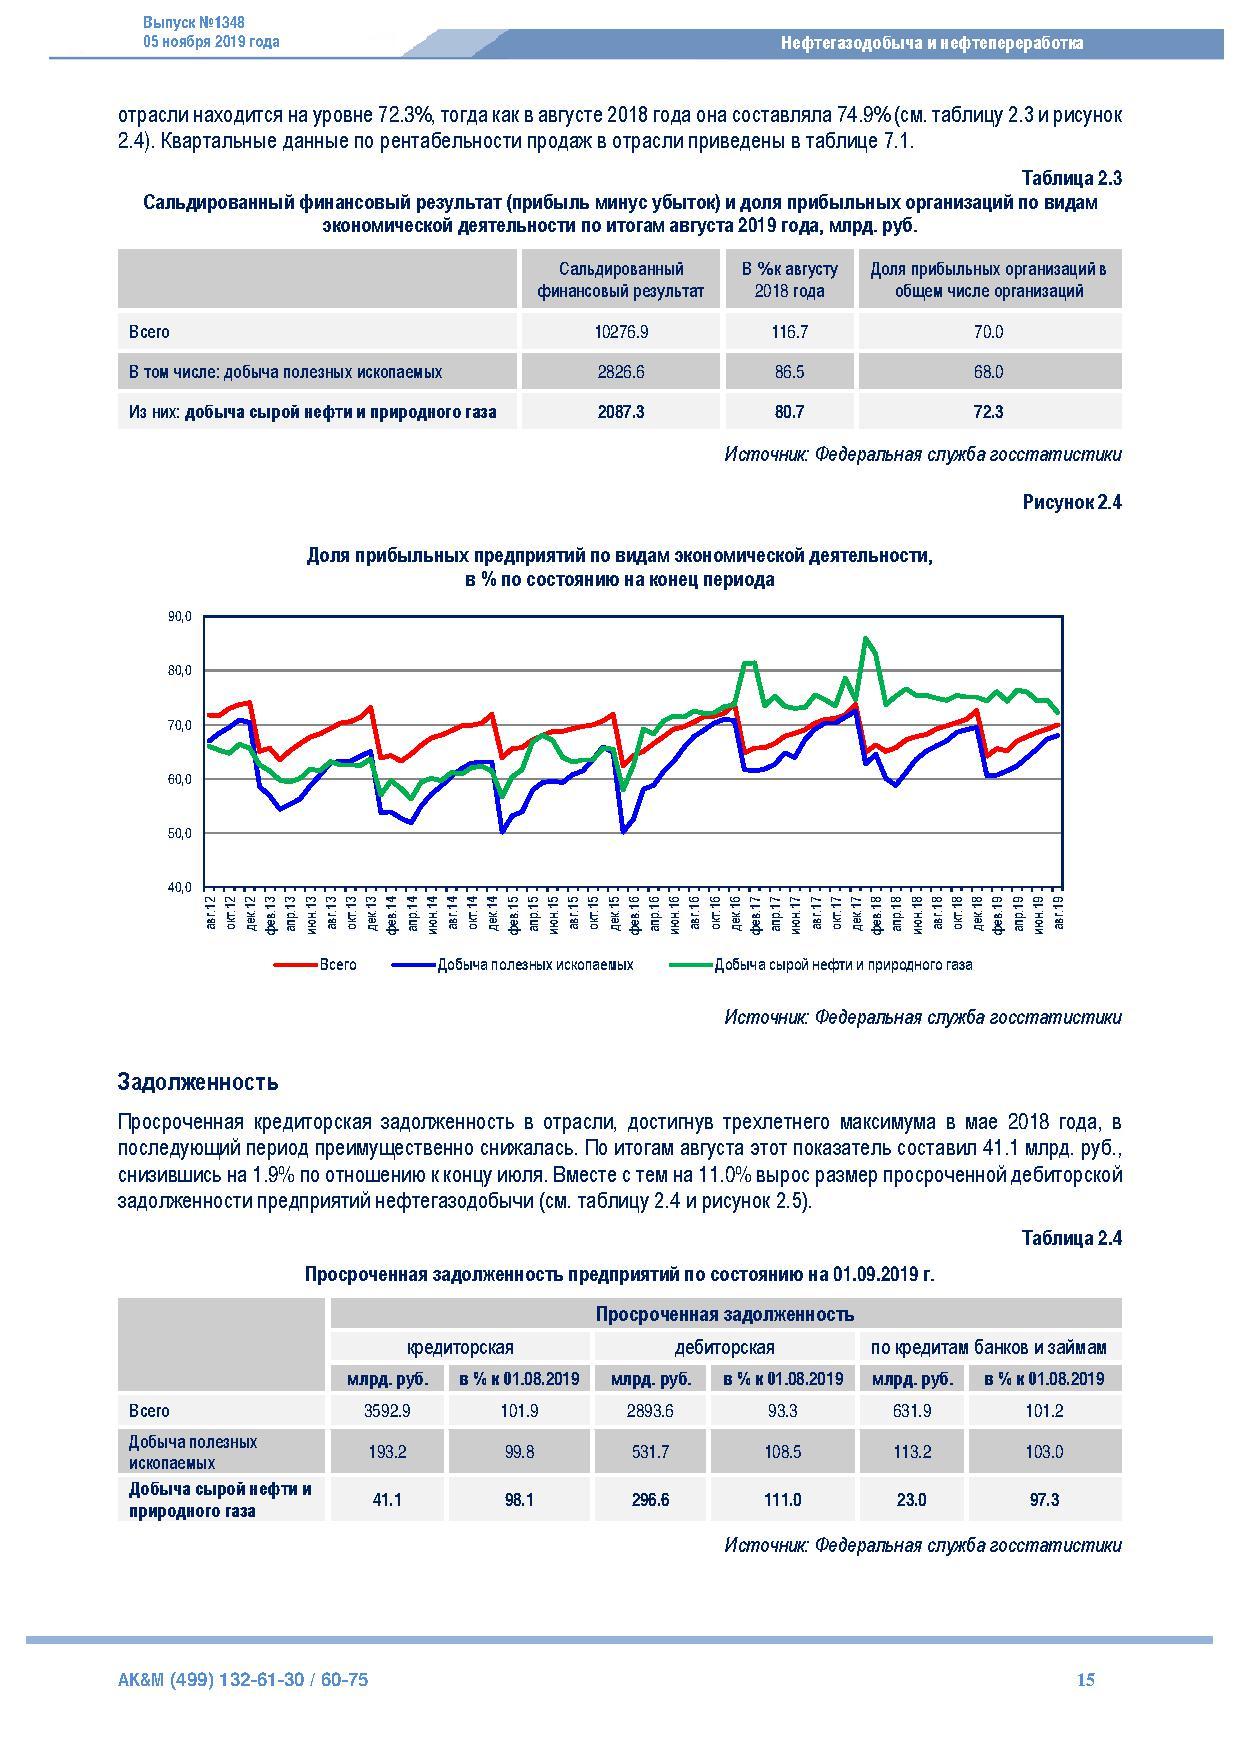 №1348 Нефтегазодобыча и нефтепереработка